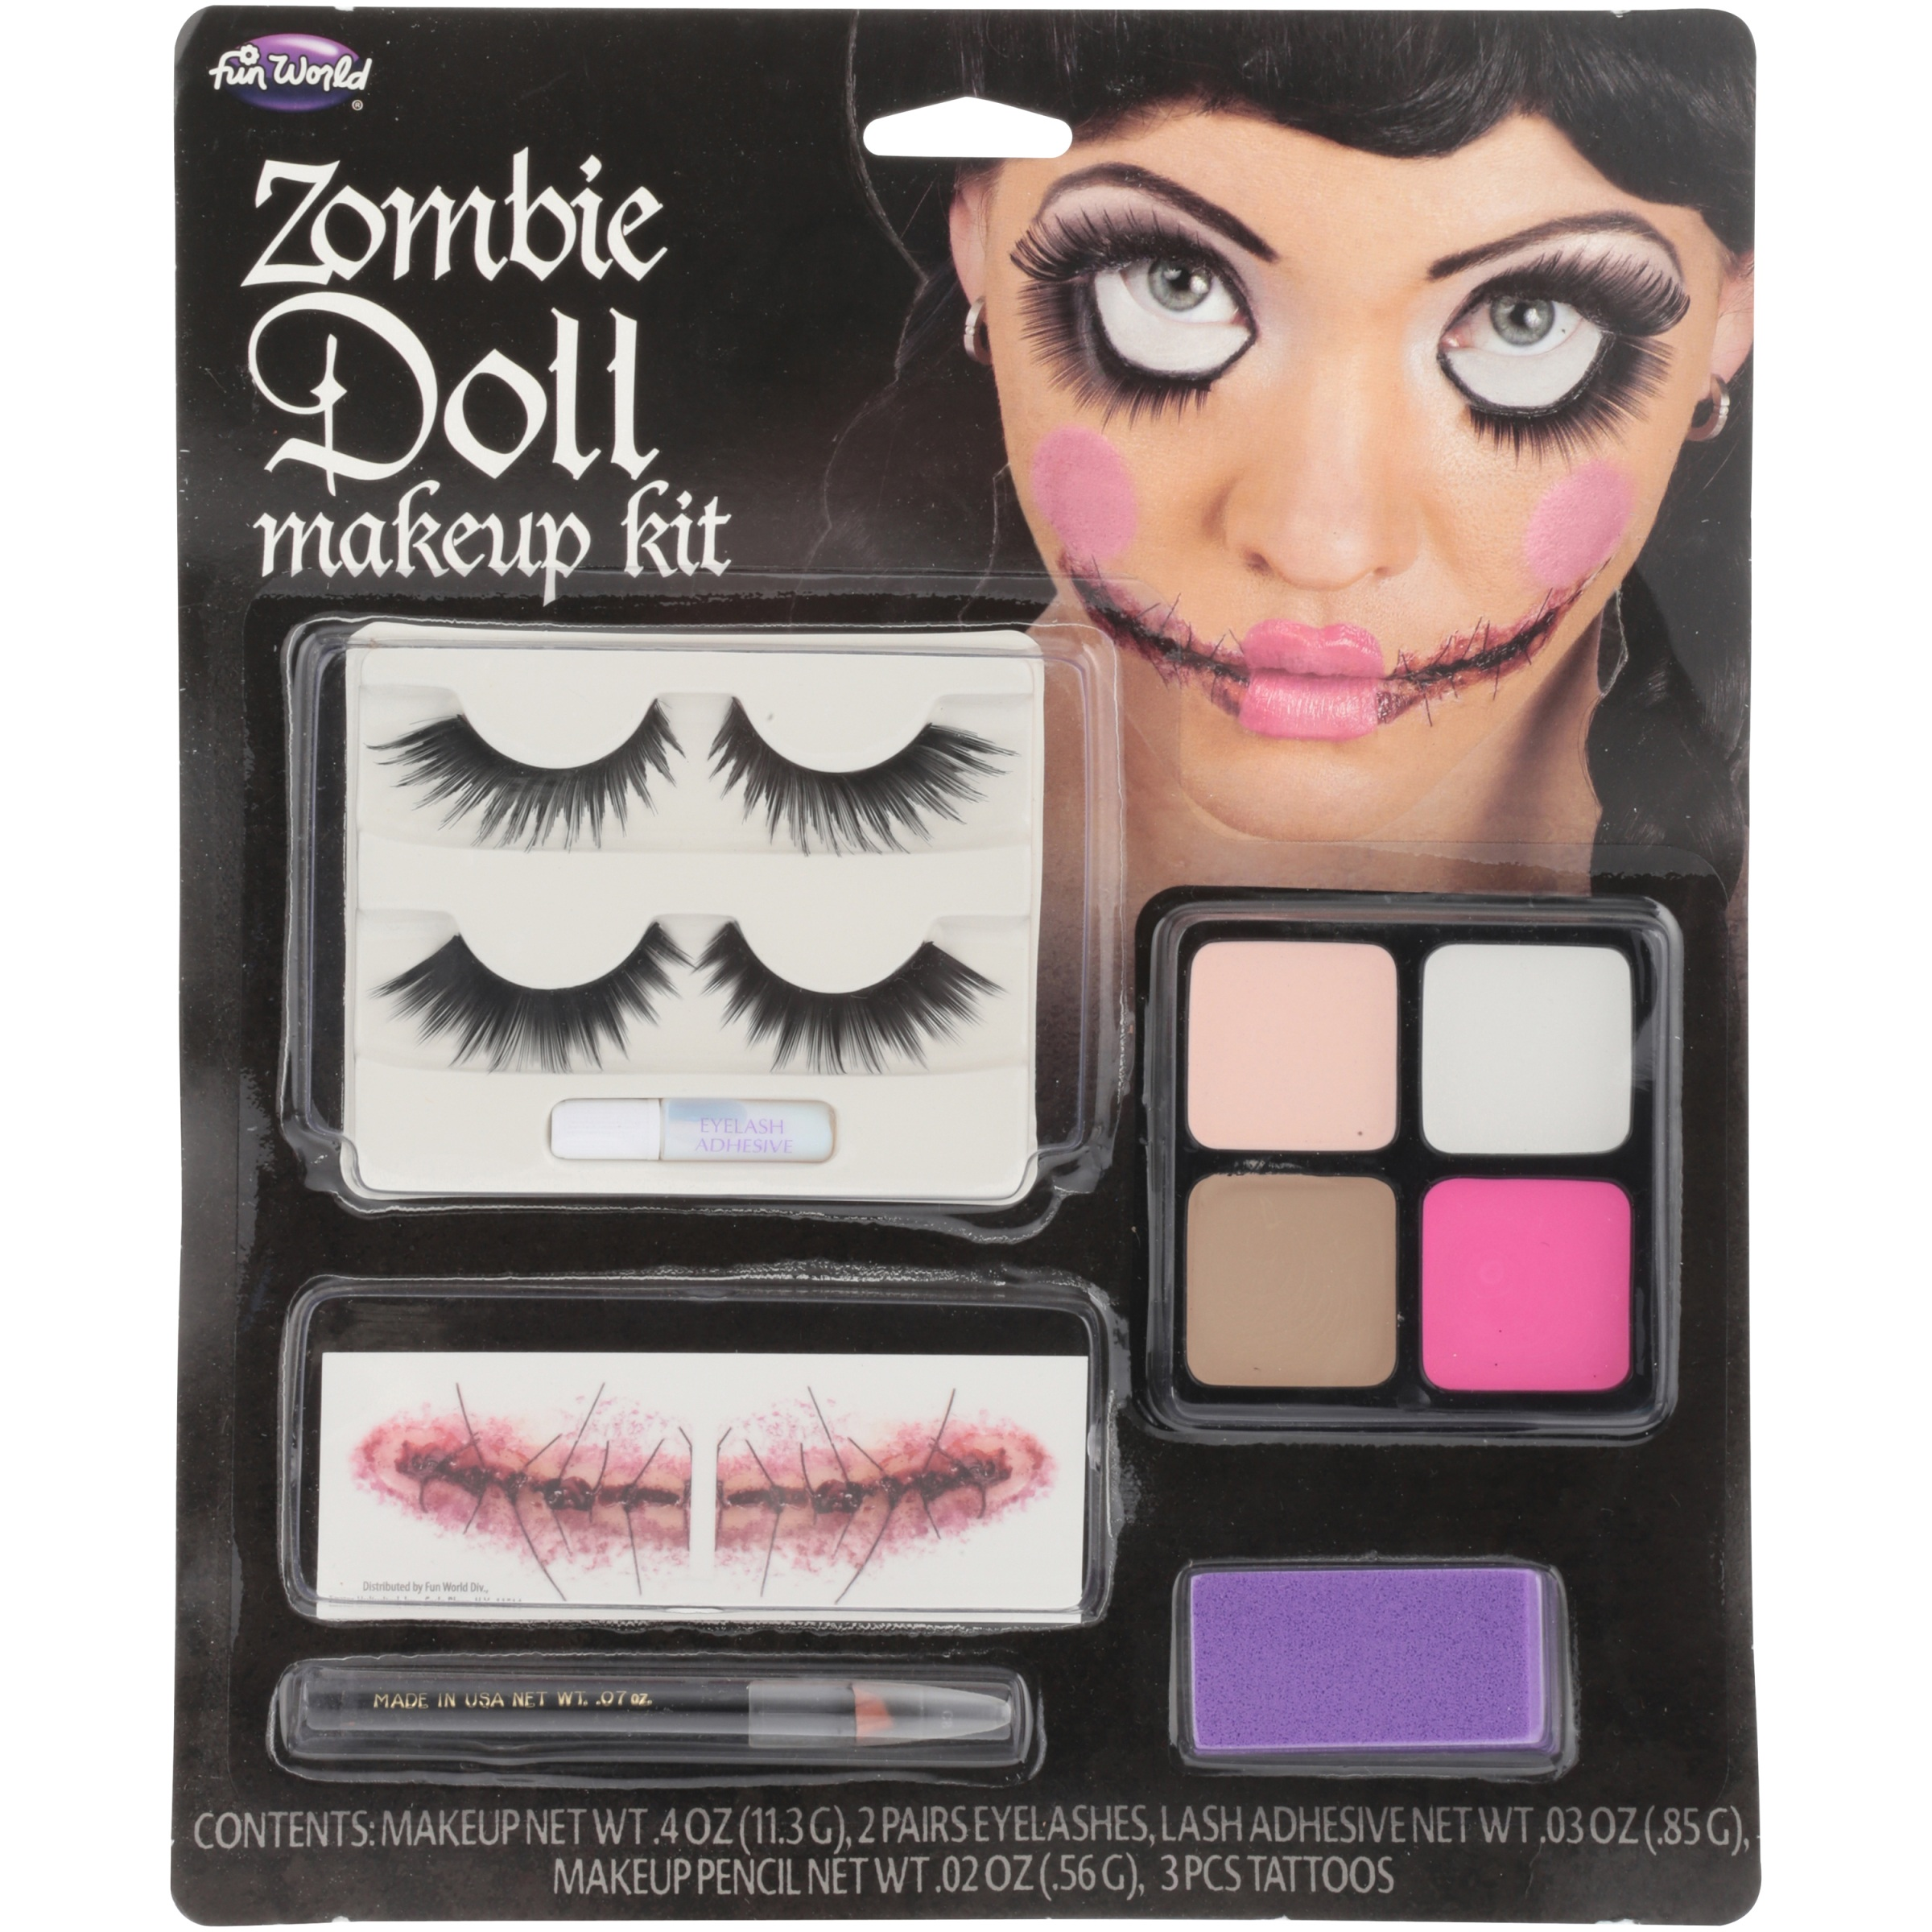 67303a07bed Zombie Doll Makeup Kit | Saubhaya Makeup